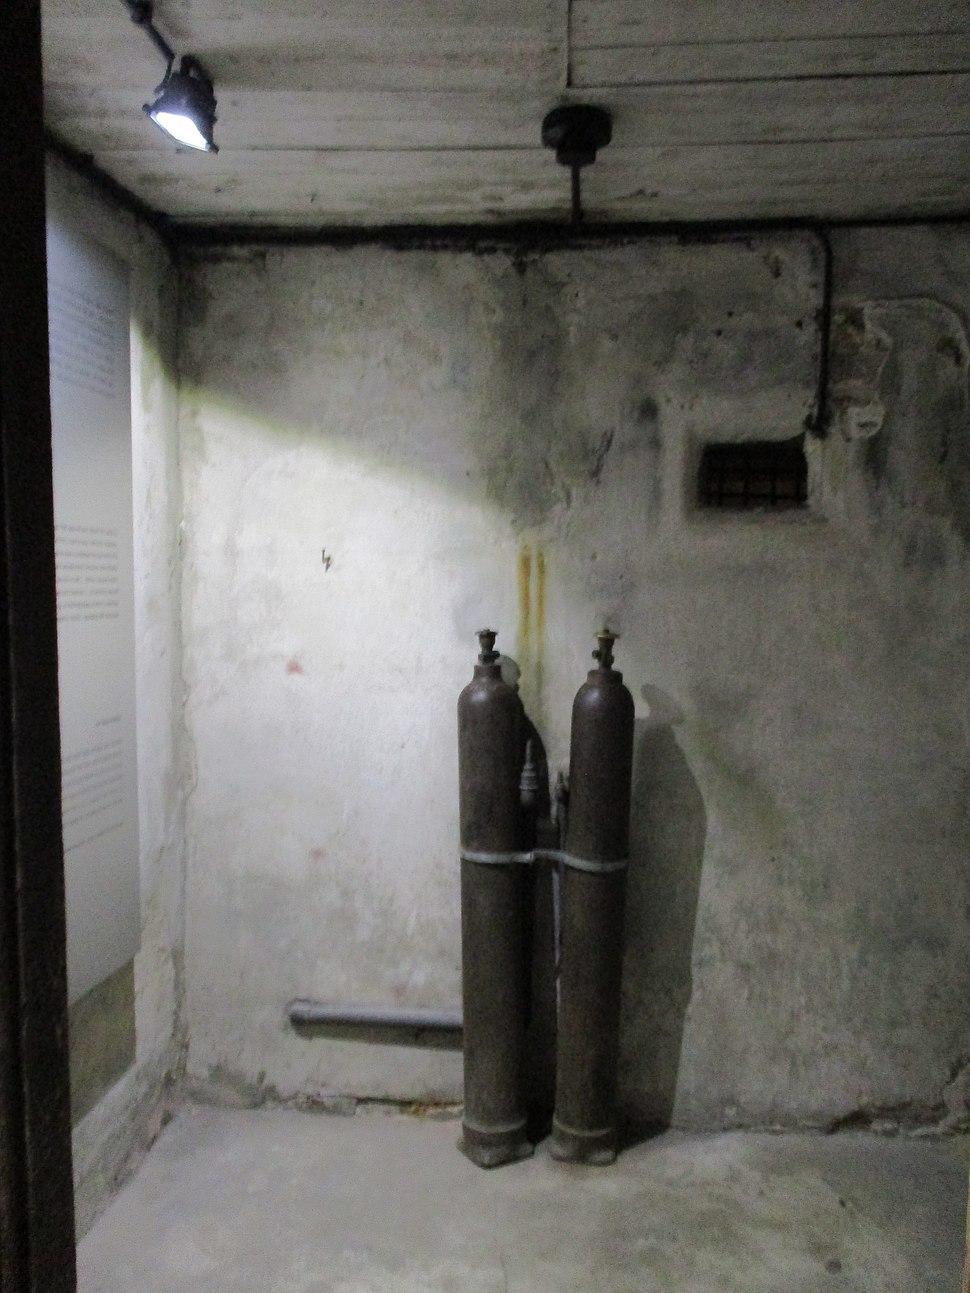 מיידנק, חדר בקרת גז